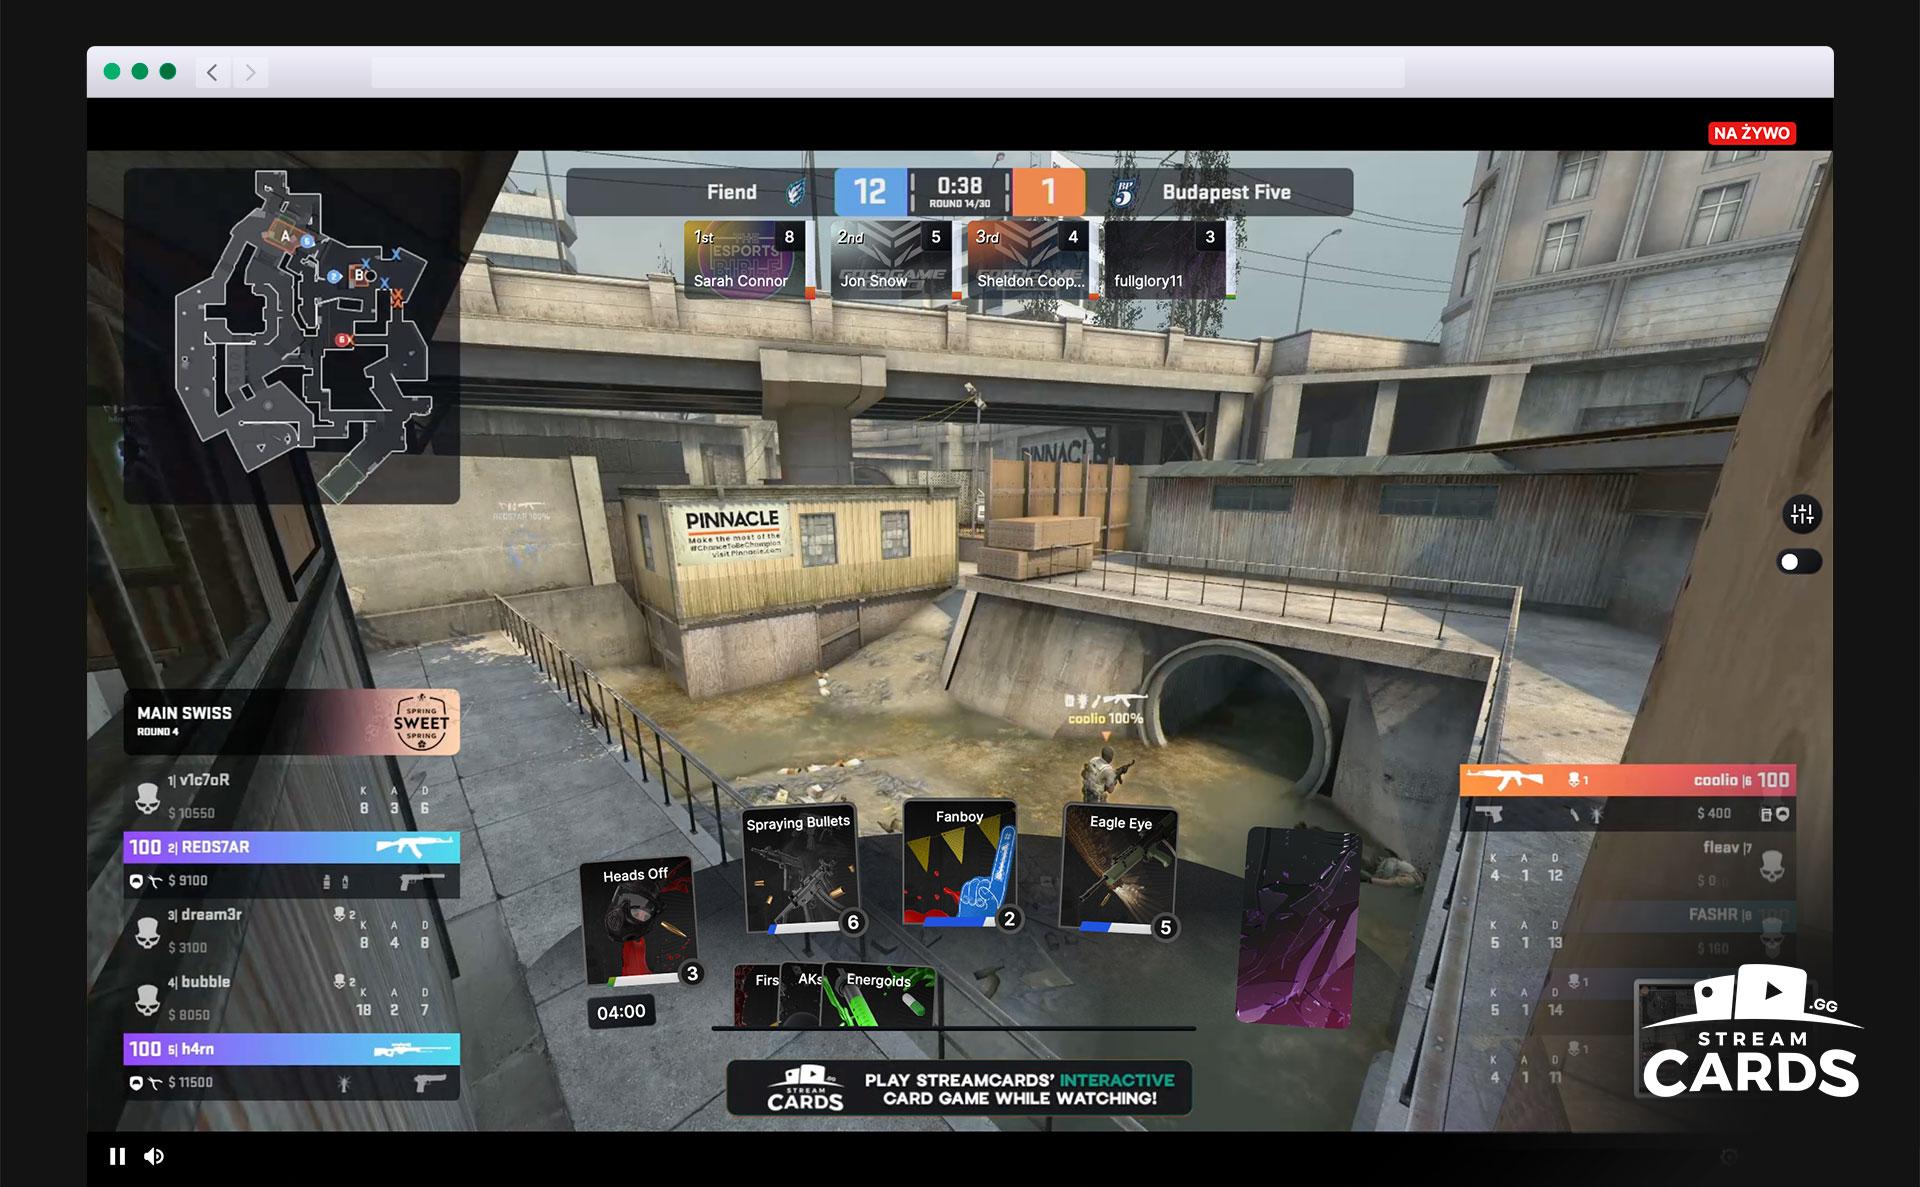 StreamCards Screenshot